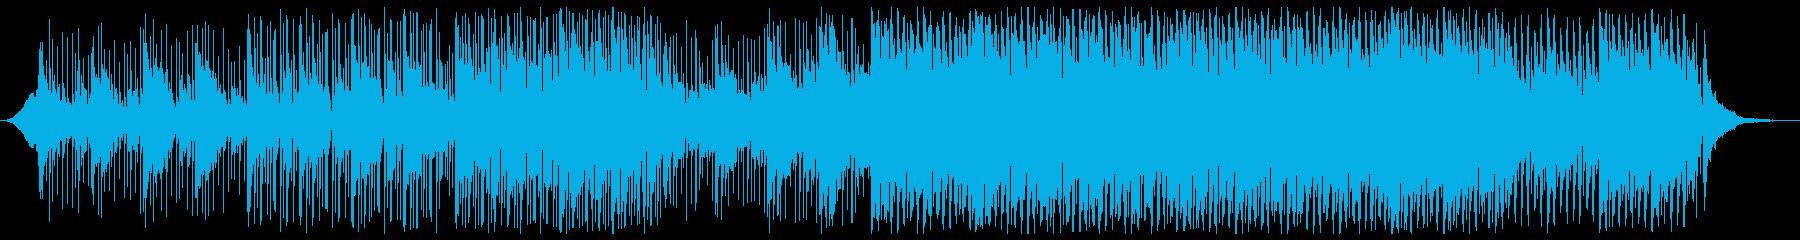 ポップ テクノ ゆっくり 魅惑 ロ...の再生済みの波形